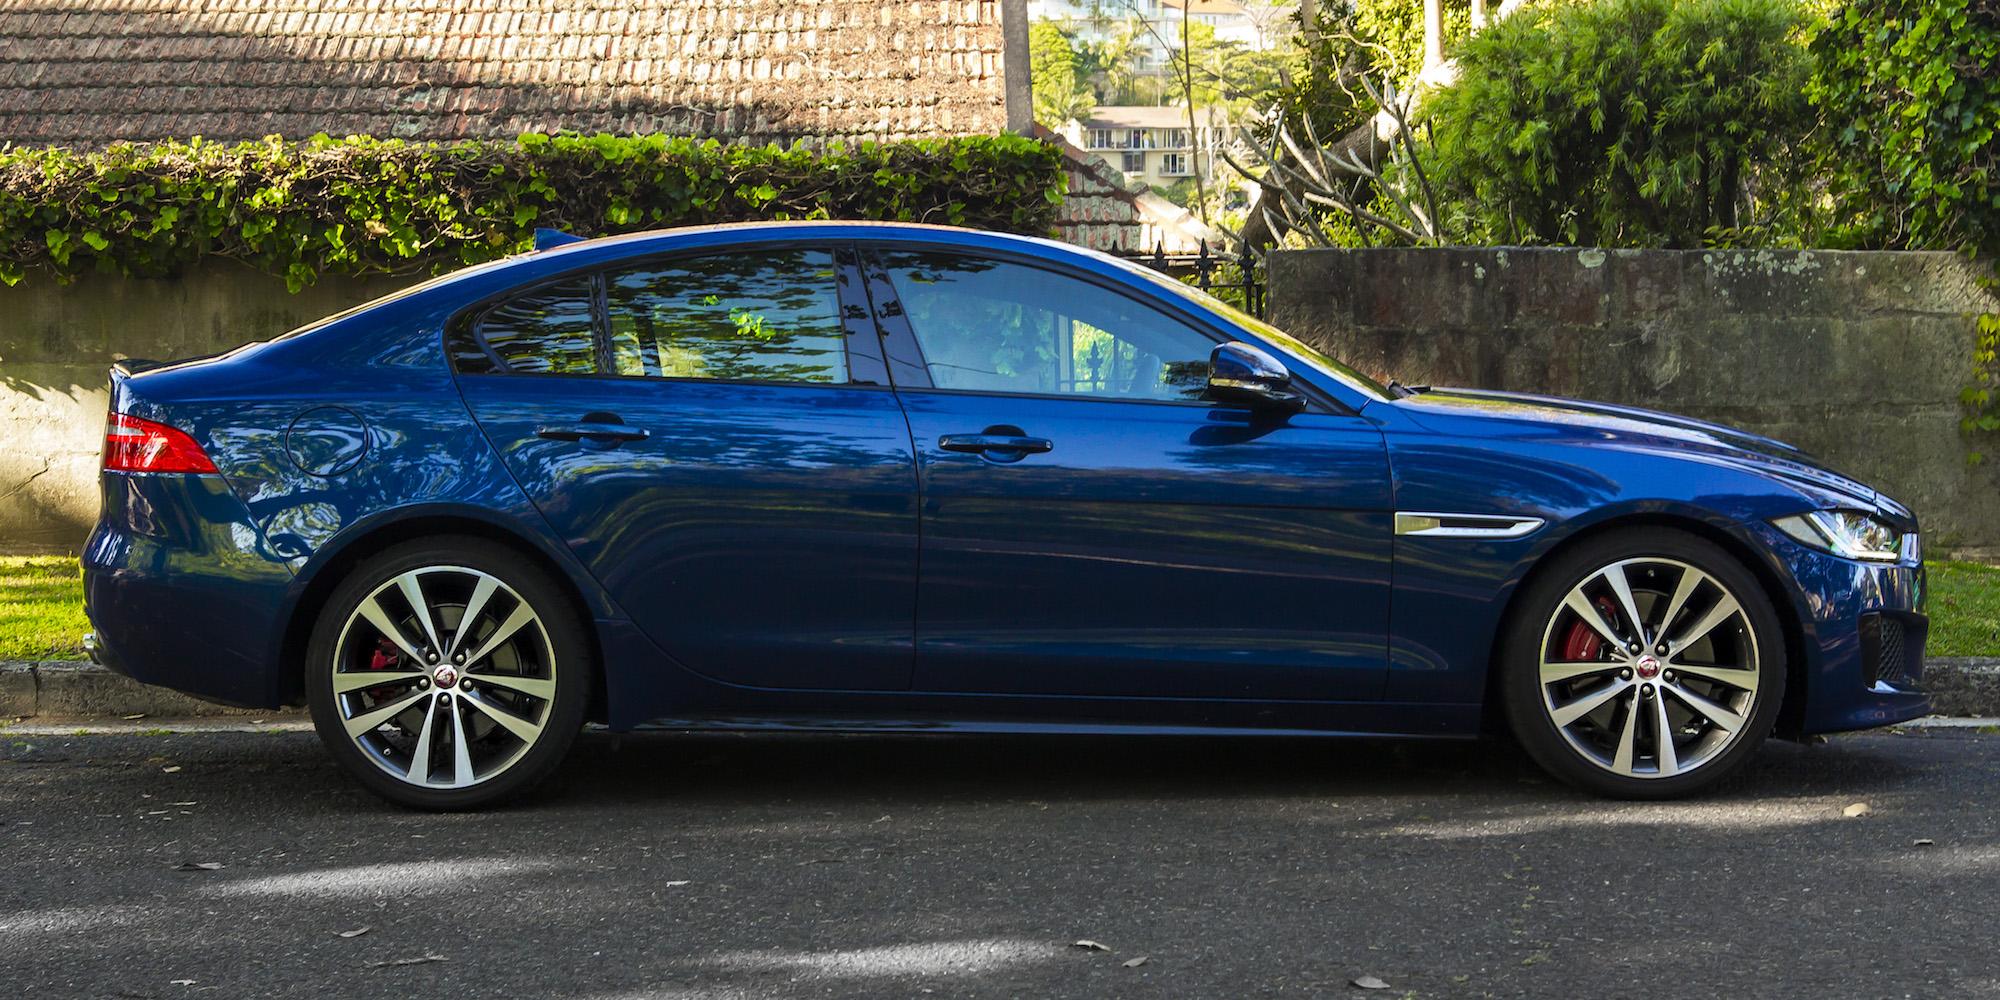 2015 Jaguar XE S Review - photos | CarAdvice